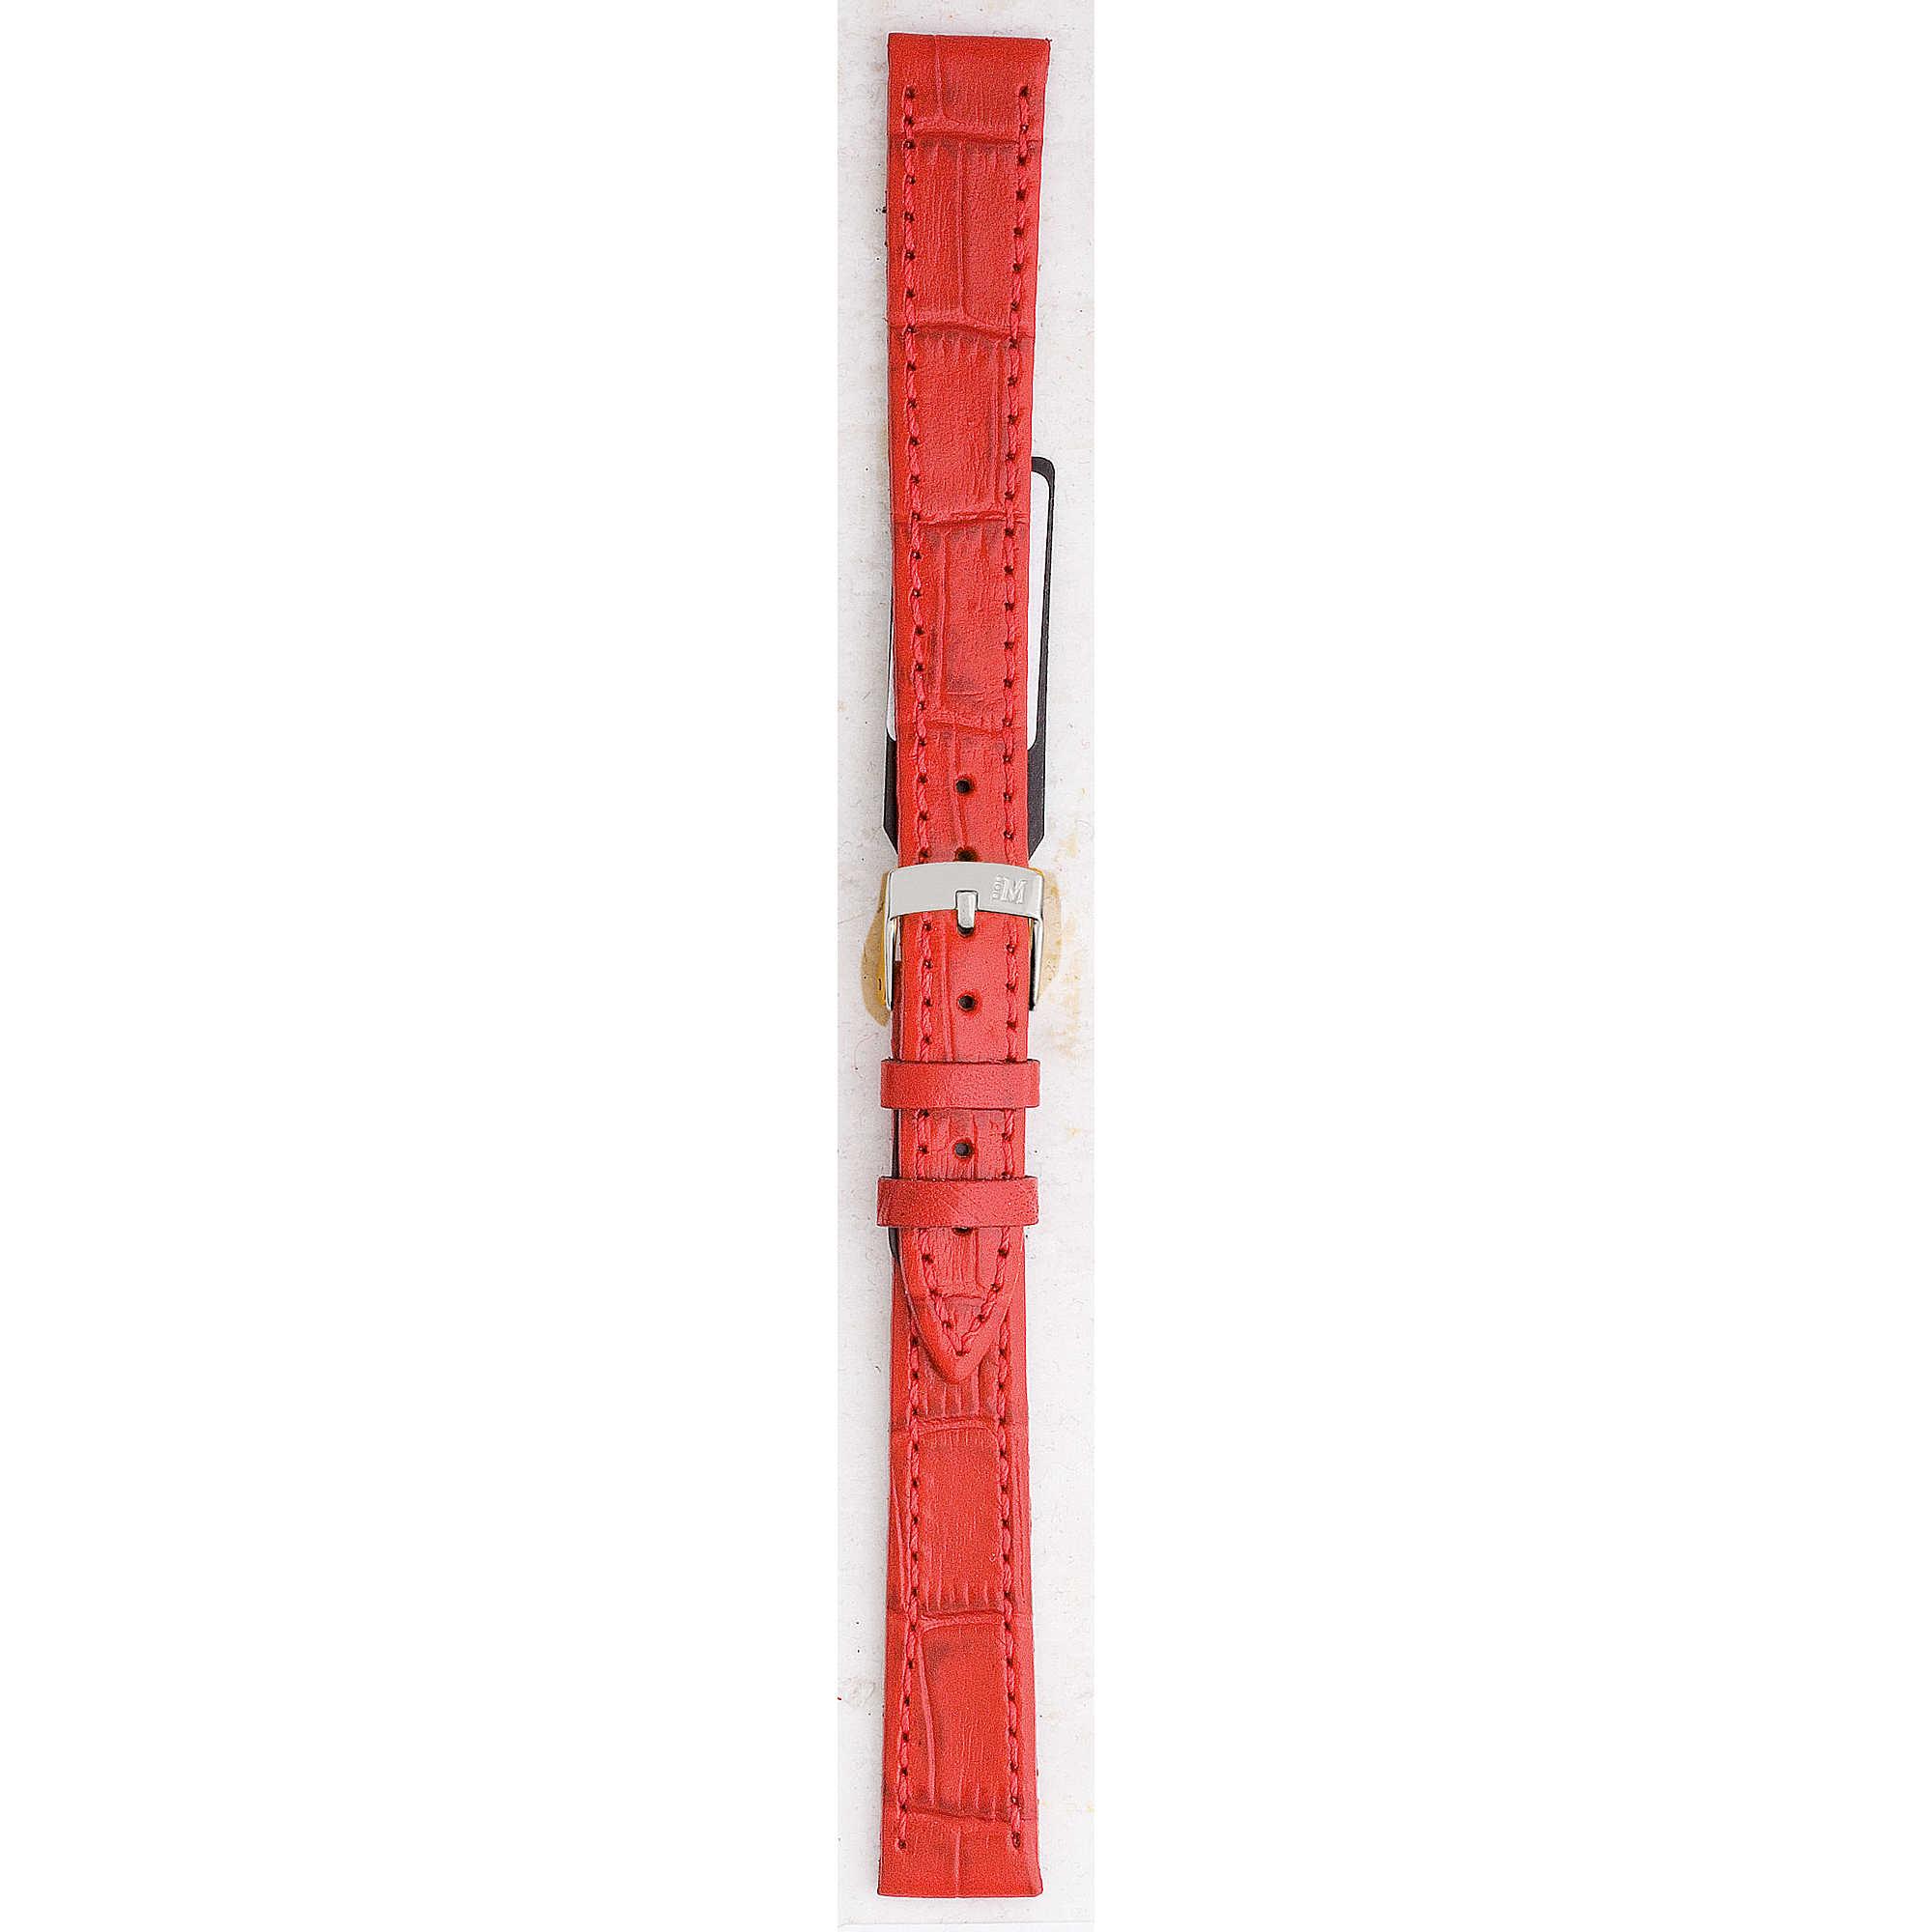 orologio cinturini di ricambio orologi unisex Morellato I Lunghi  A01Y2524656083CR20. zoom 96fd2f718f8